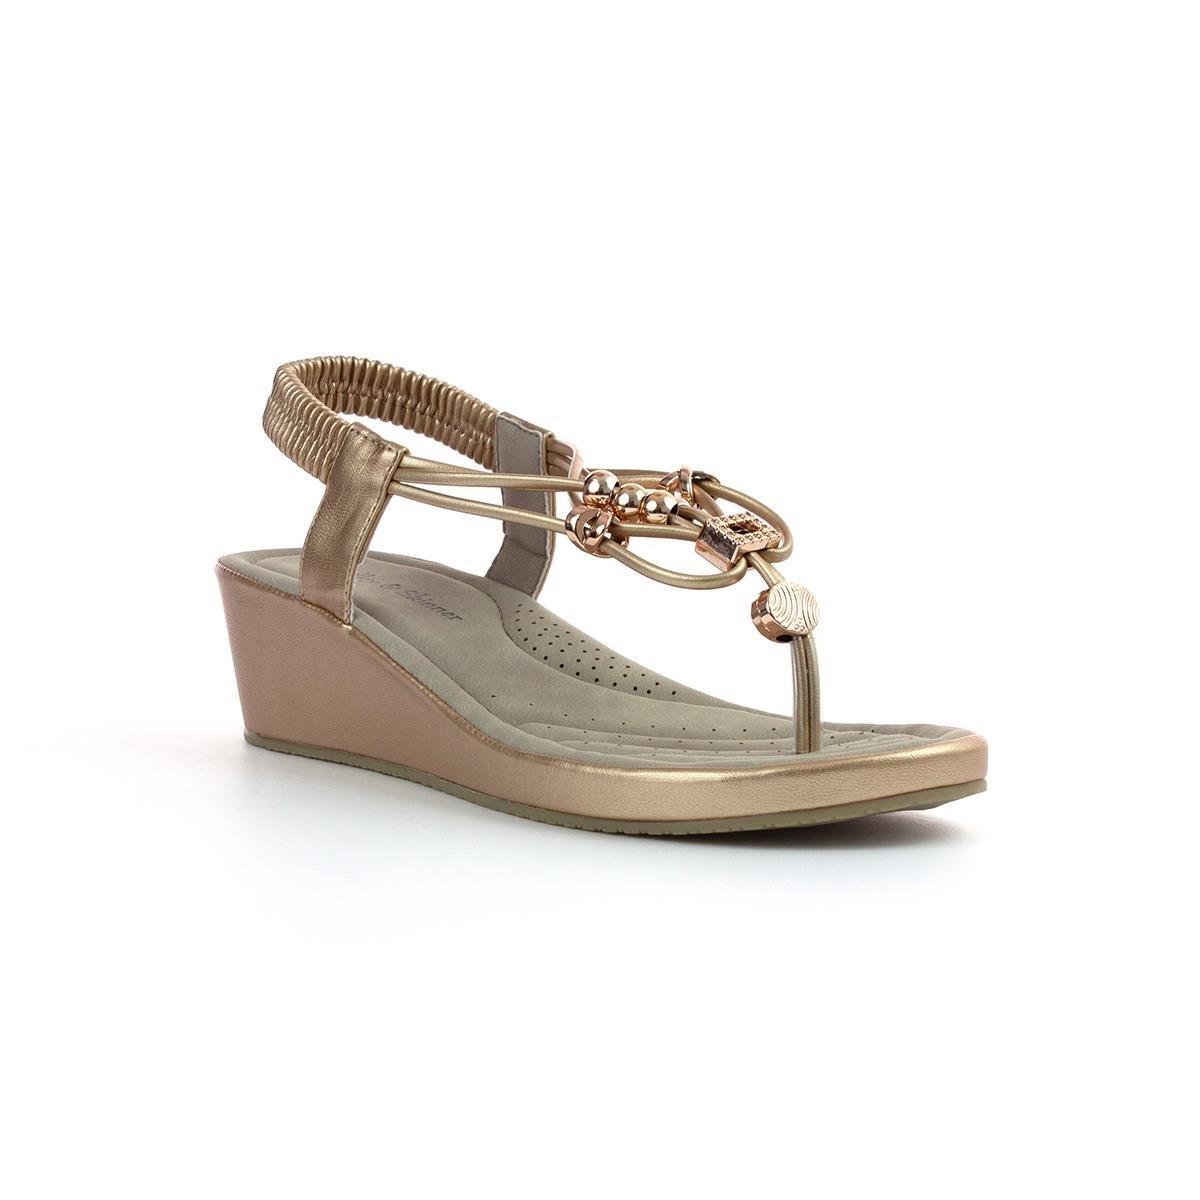 Lilley & Skinner Sandale in der Bronze mit Zehe-Pfosten für Frauen durch Größe 36 - Mehrfarbig cSDqGj1Rx3